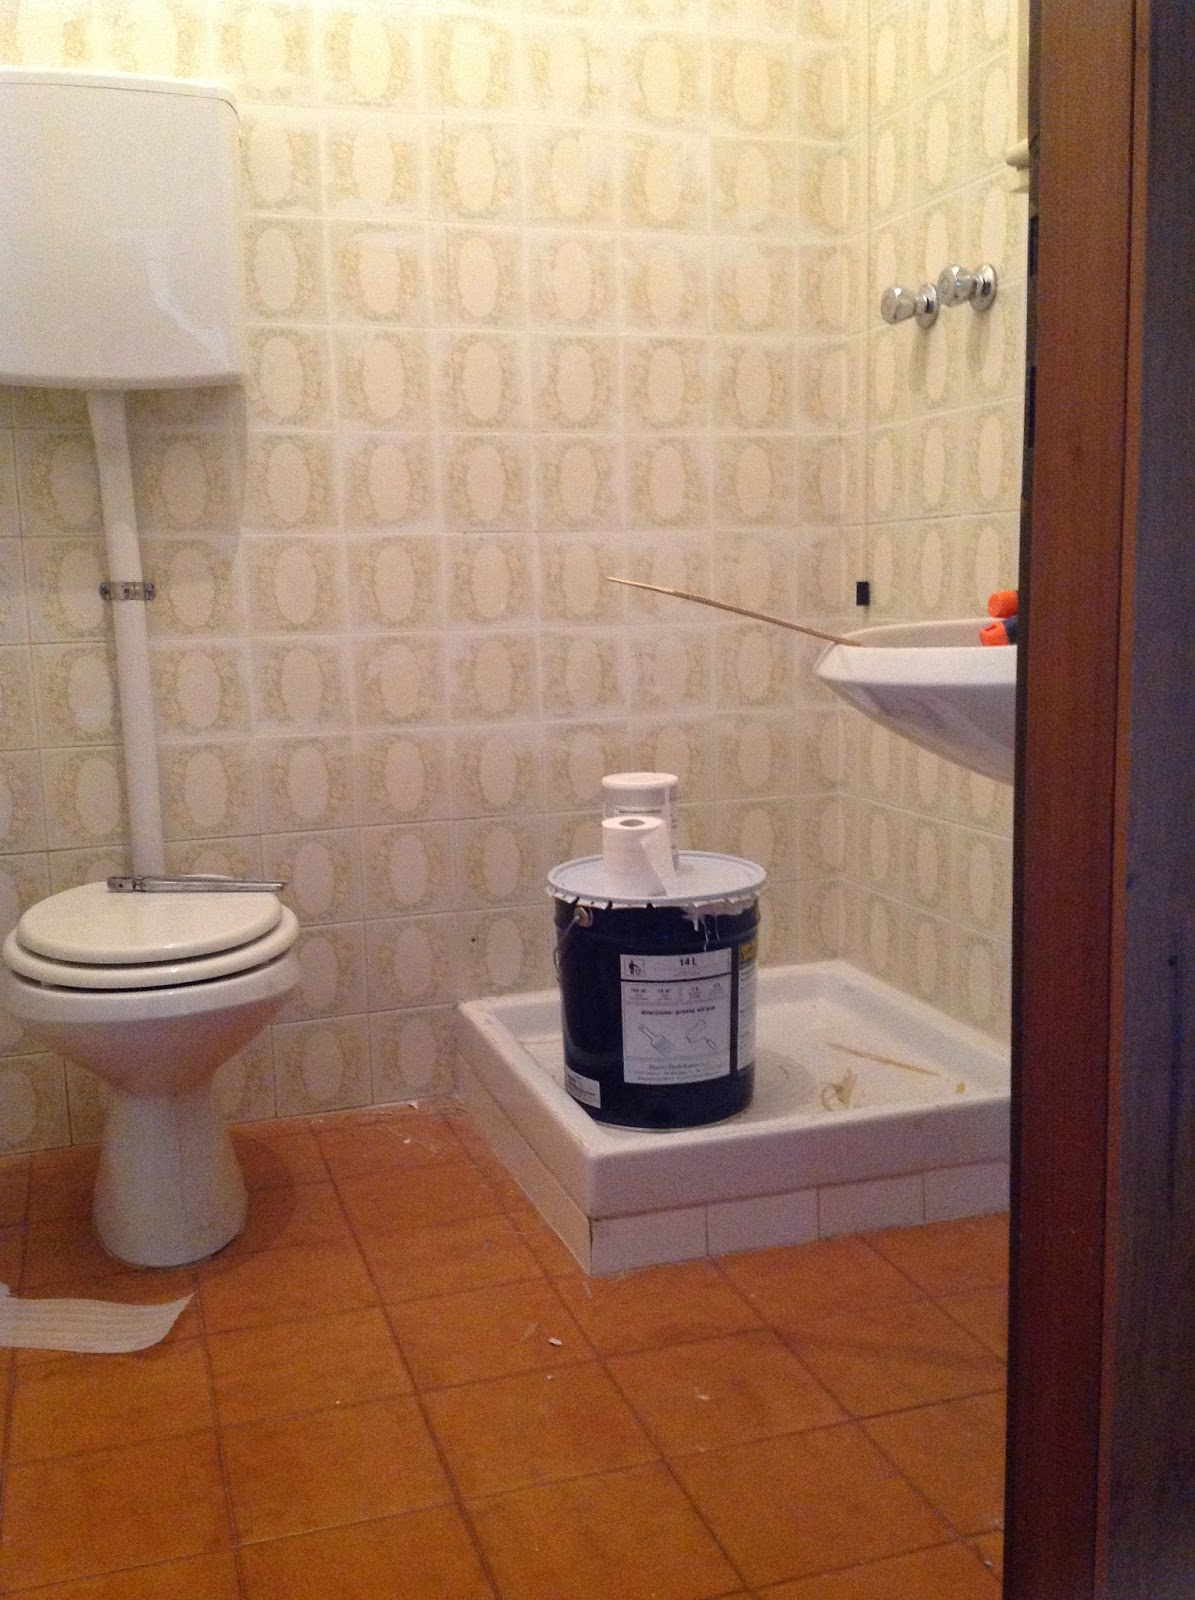 Coprire le piastrelle del bagno - Mattonelle per bagno ...